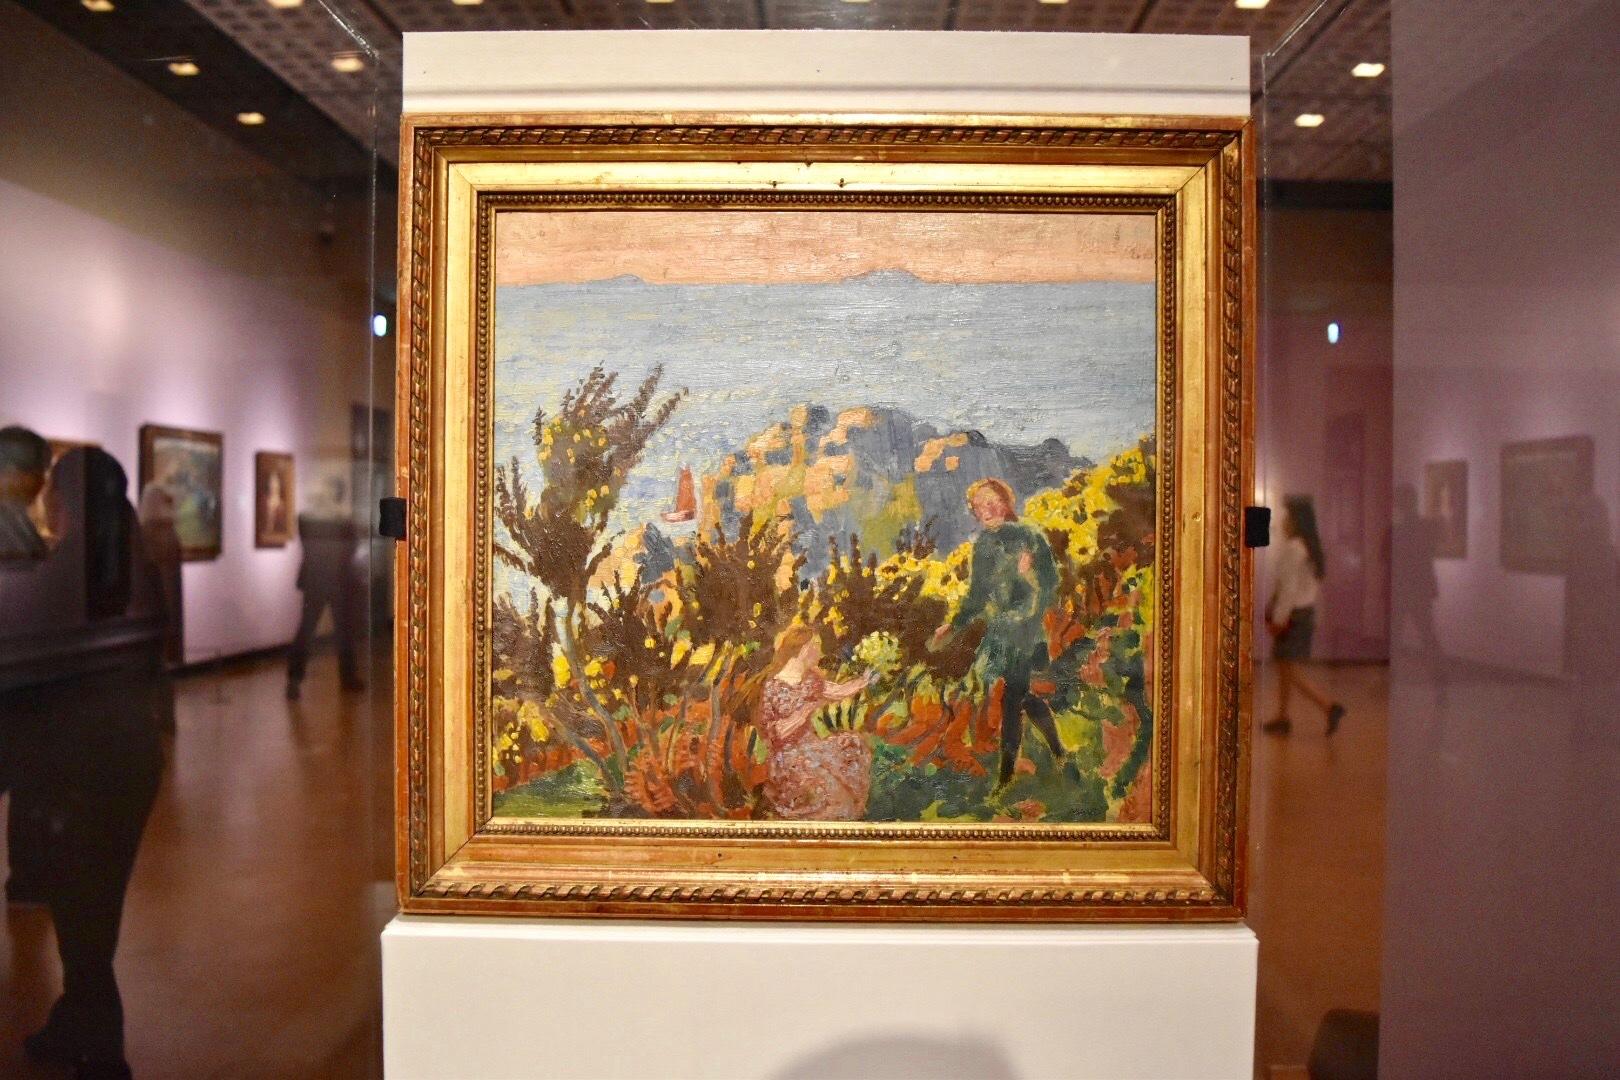 モーリス・ドニ 《ハリエニシダ》 1917年以前 国立西洋美術館蔵